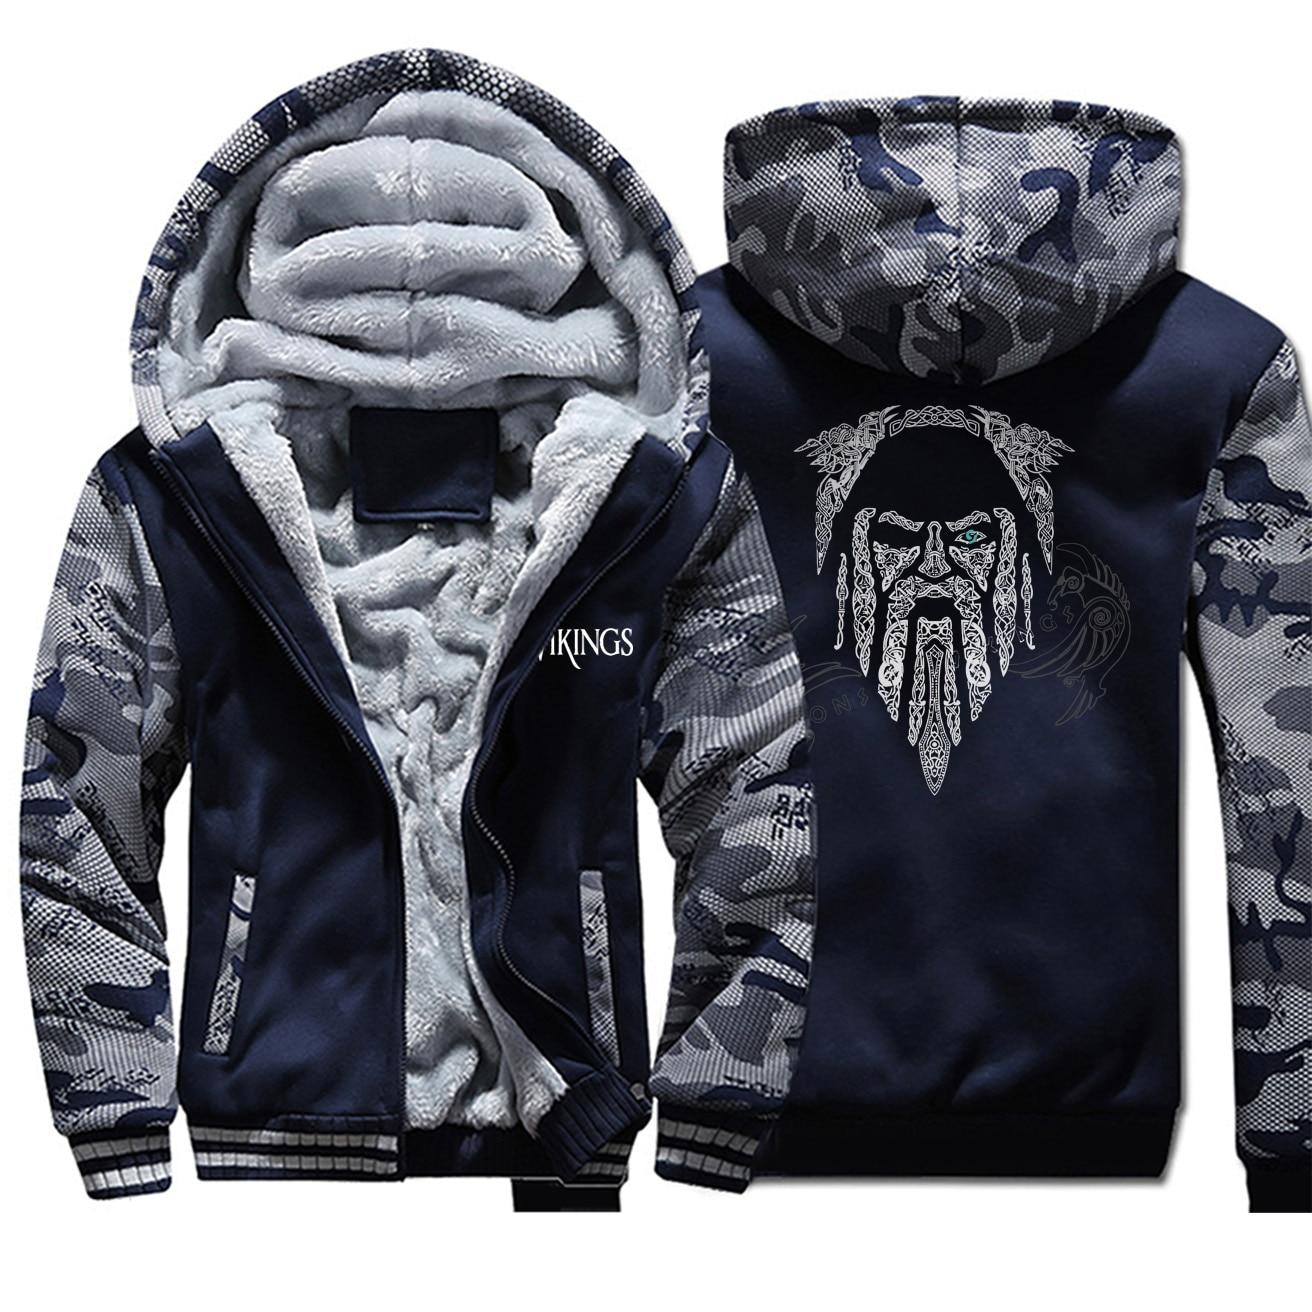 Fashion Tv Show Odin Viking Men Camo Hoodies Autumn Plus Size Zipper Tracksuit Fleece Sportswear Hip Hop Streetwear Men Outwear